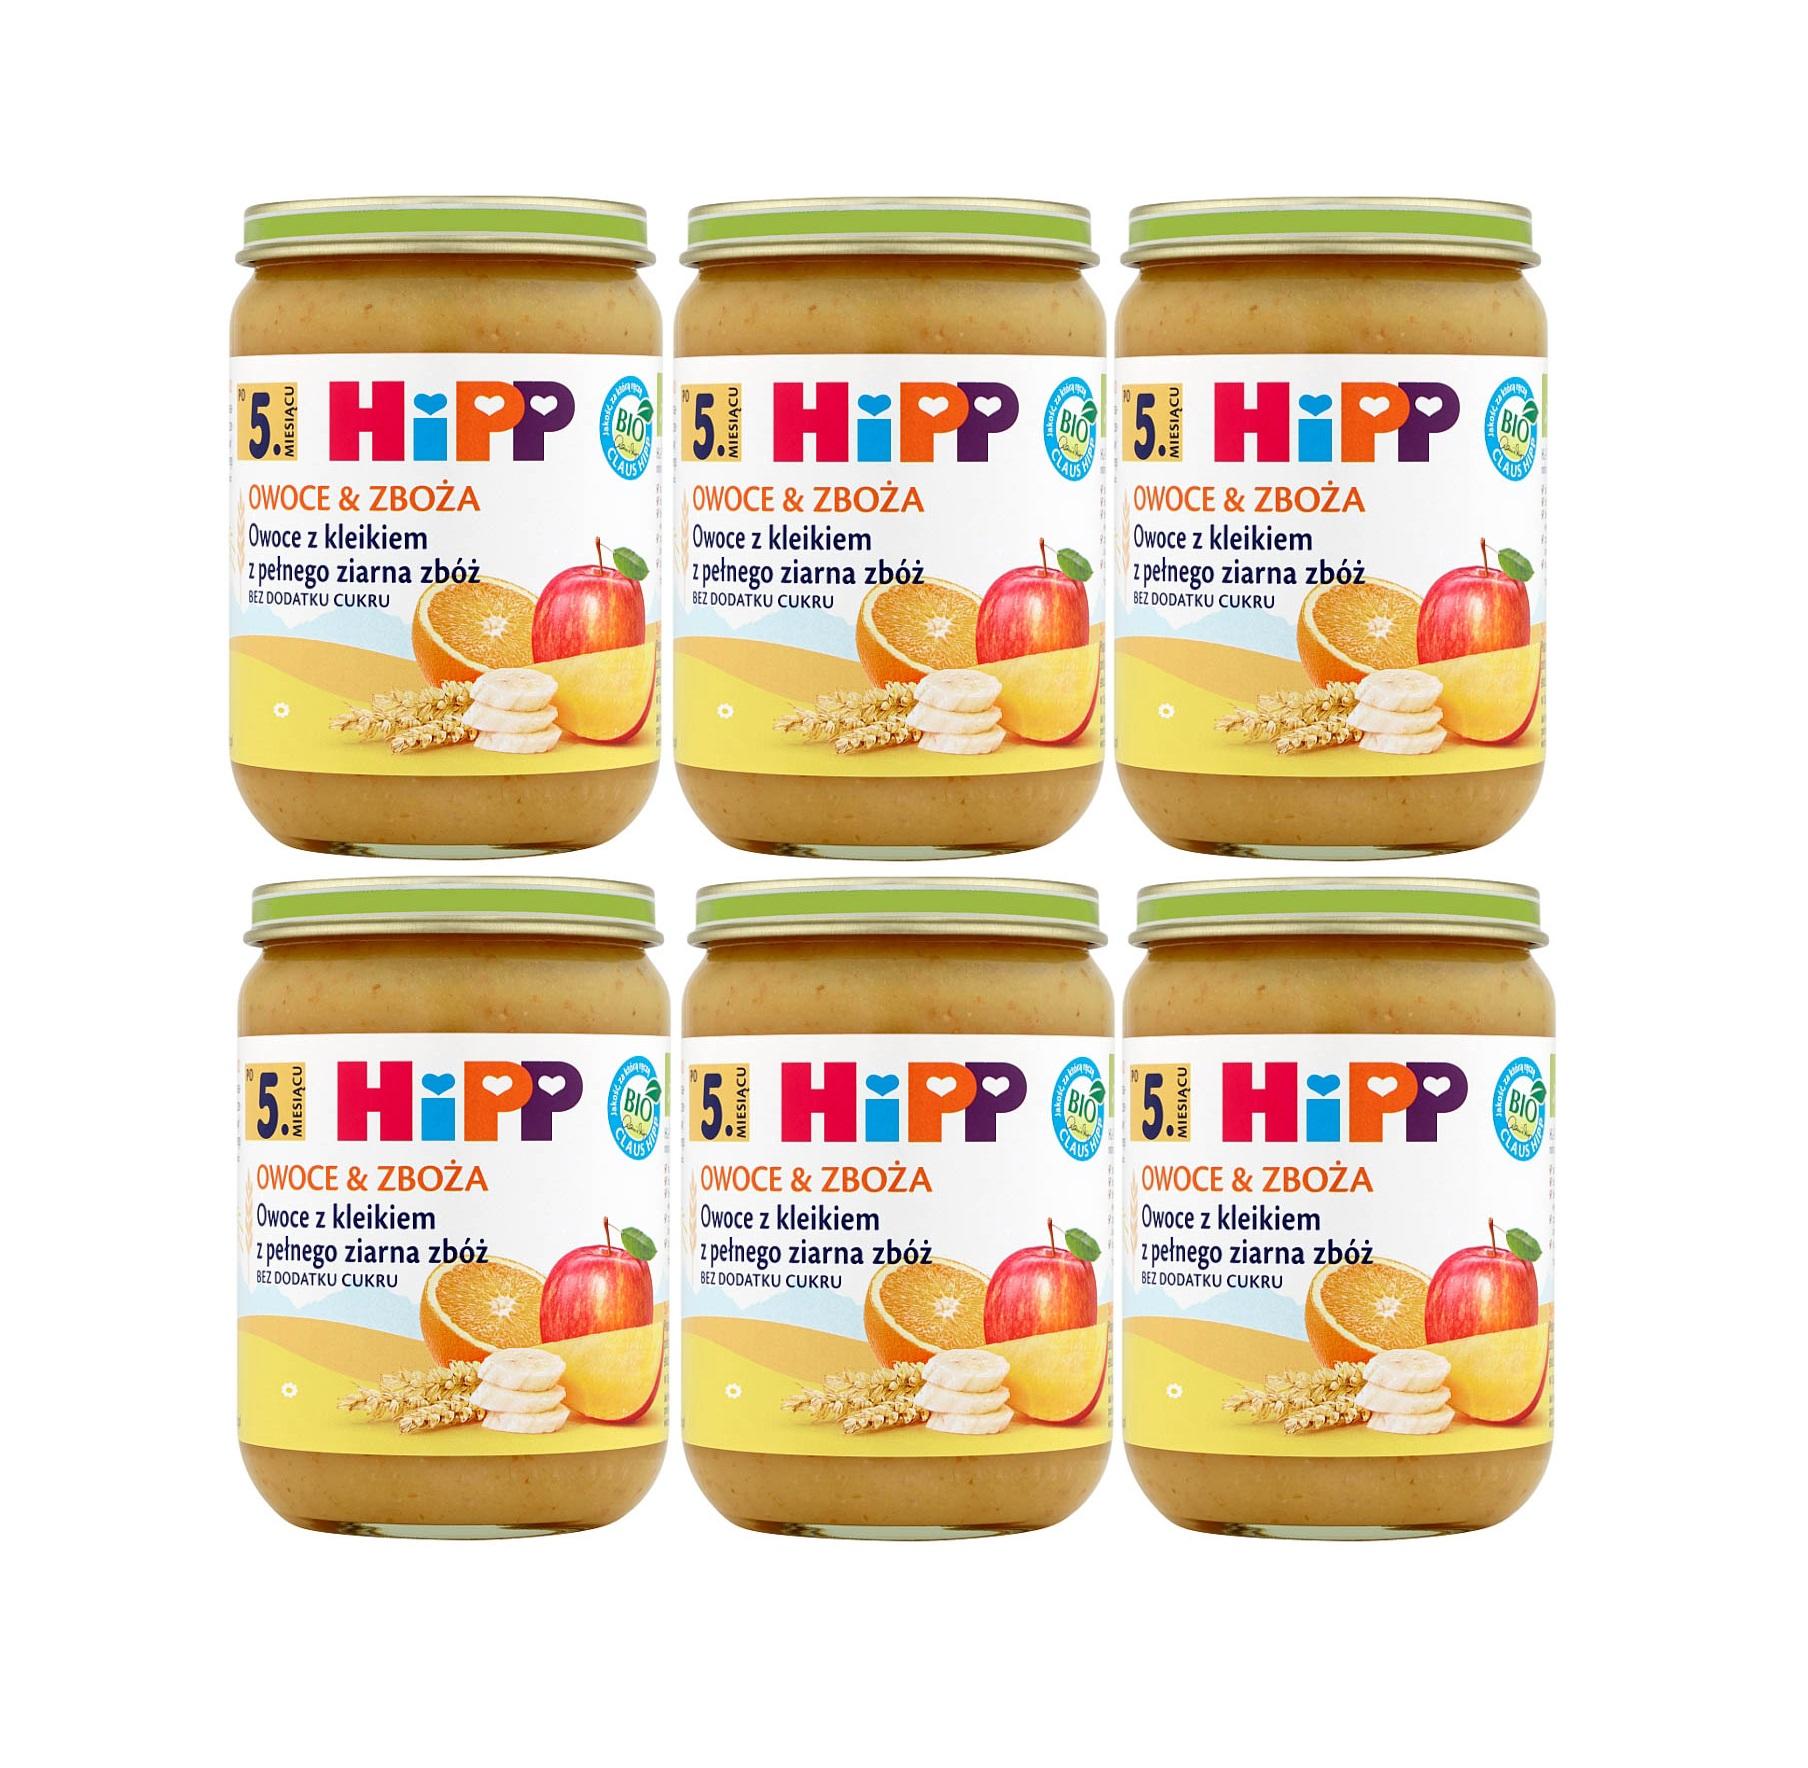 6 pak hipp 190 owoce&zboza owoce z kliekim z pelnego ziarna zboz